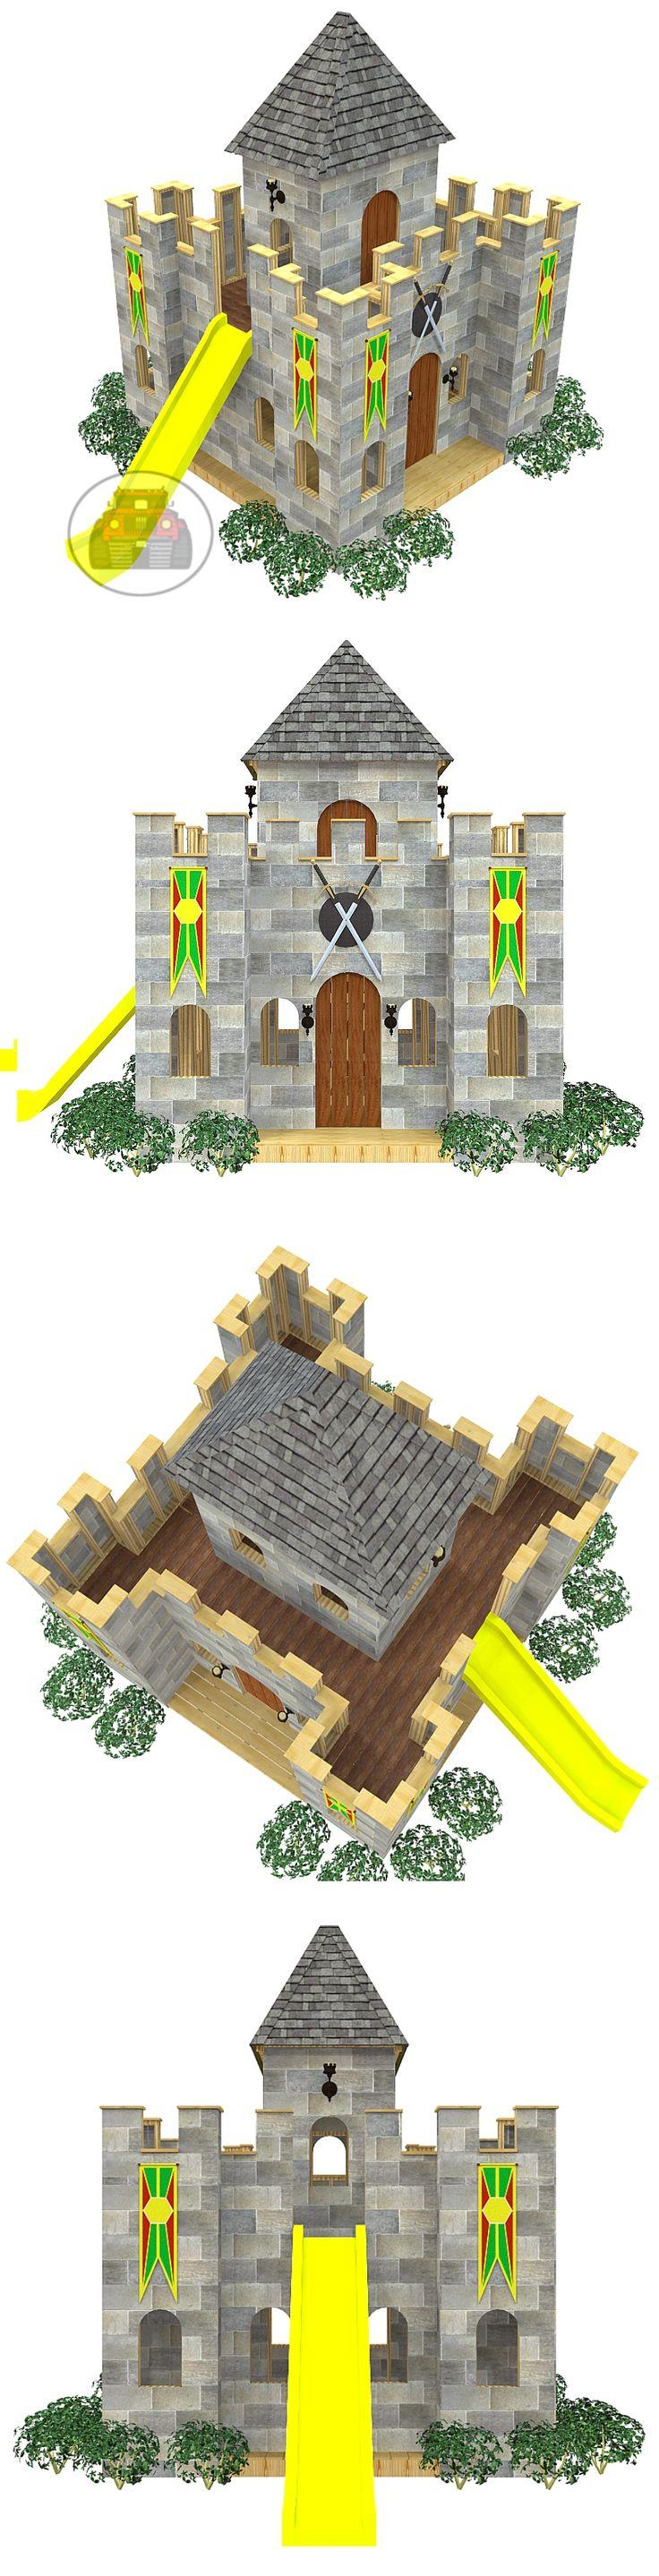 enchanted castle plan de juegos